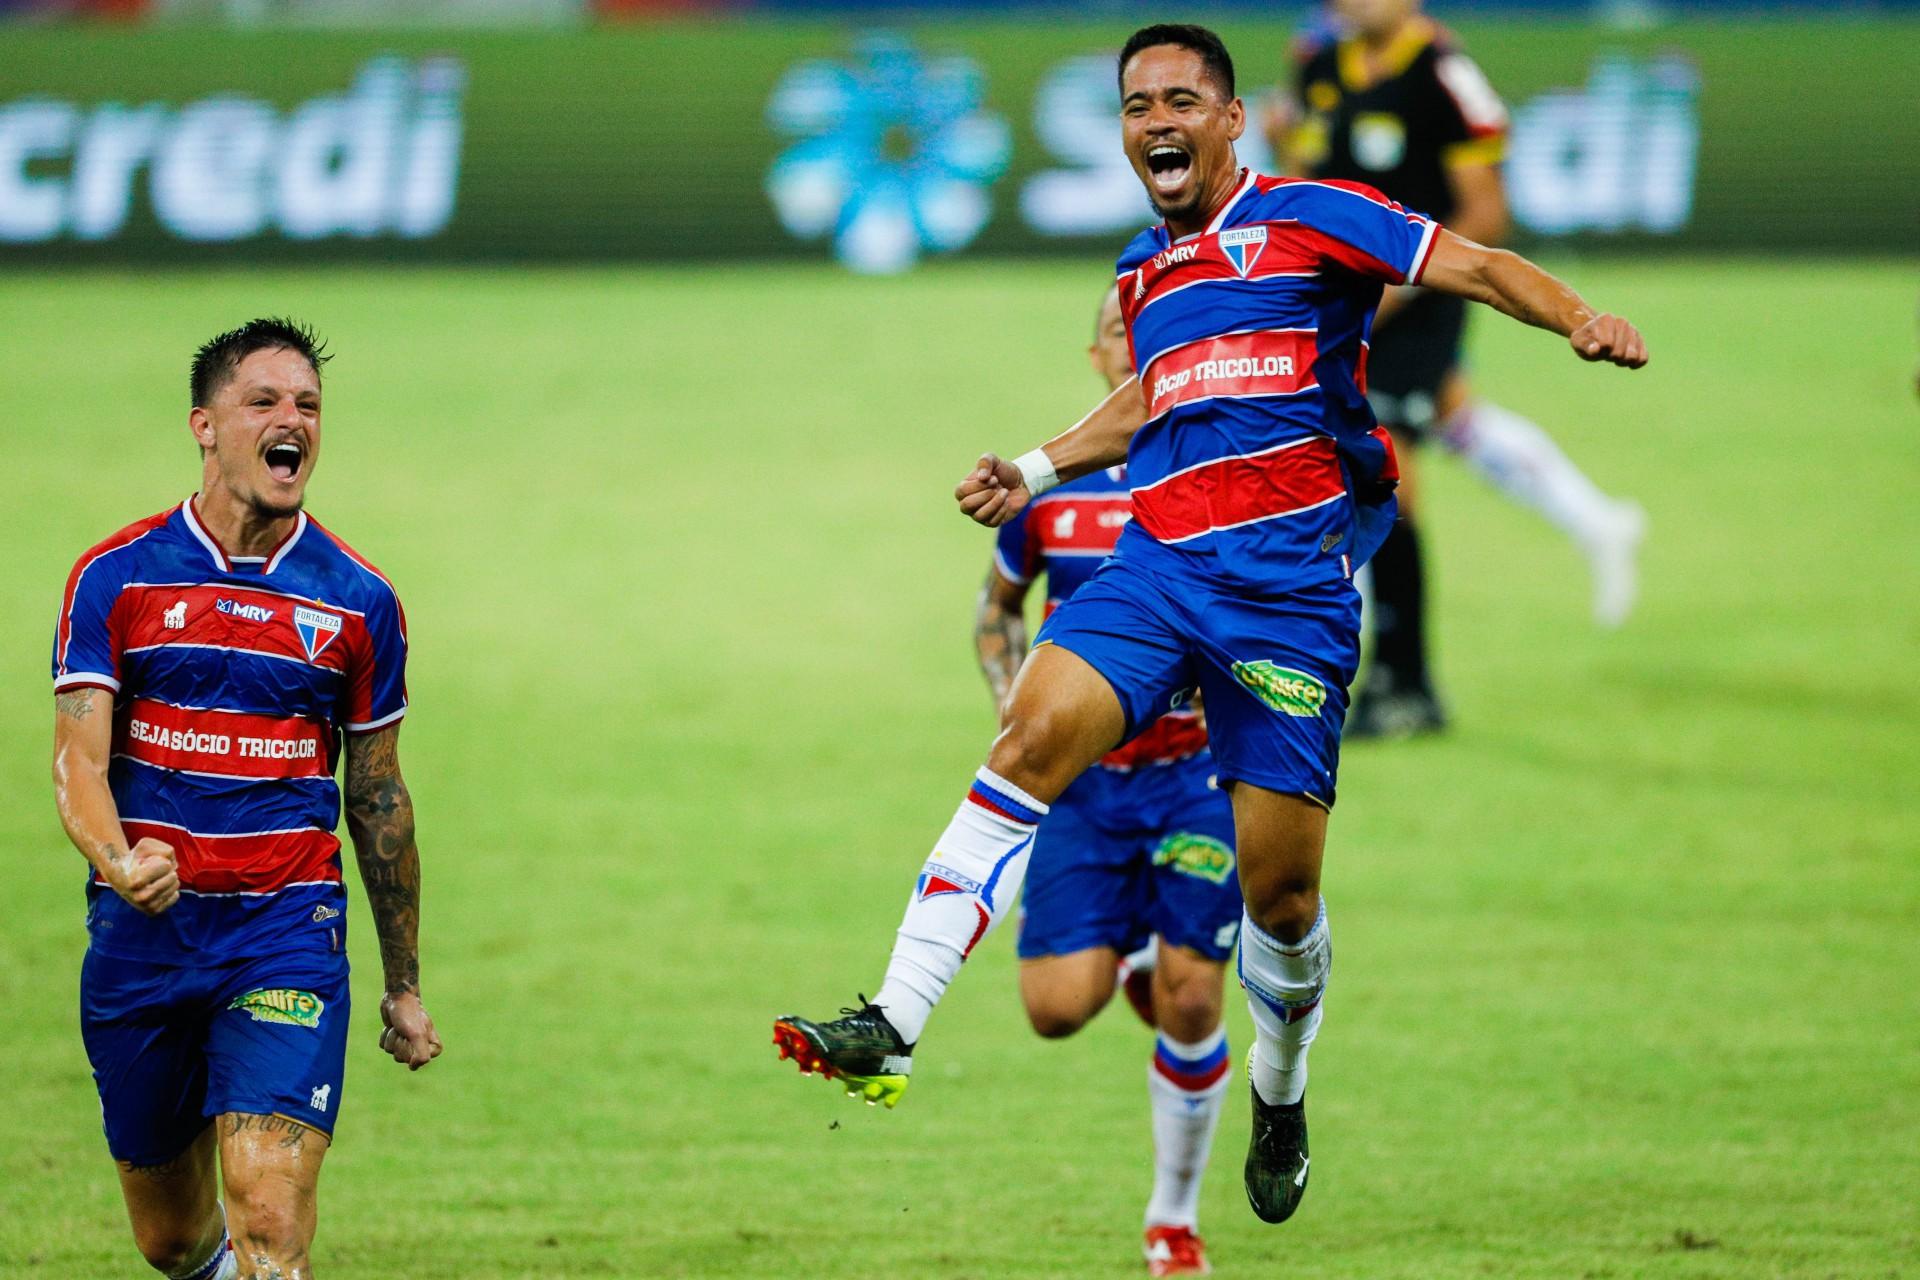 Fortaleza em 6 de abril de 2021, Comemoracao do gol de yago pikachu, na classificacao do Fortaleza em cima do Ypiranga, pela copa do brasil 2021, na arena castelao. (Foto FCO Fontenele)